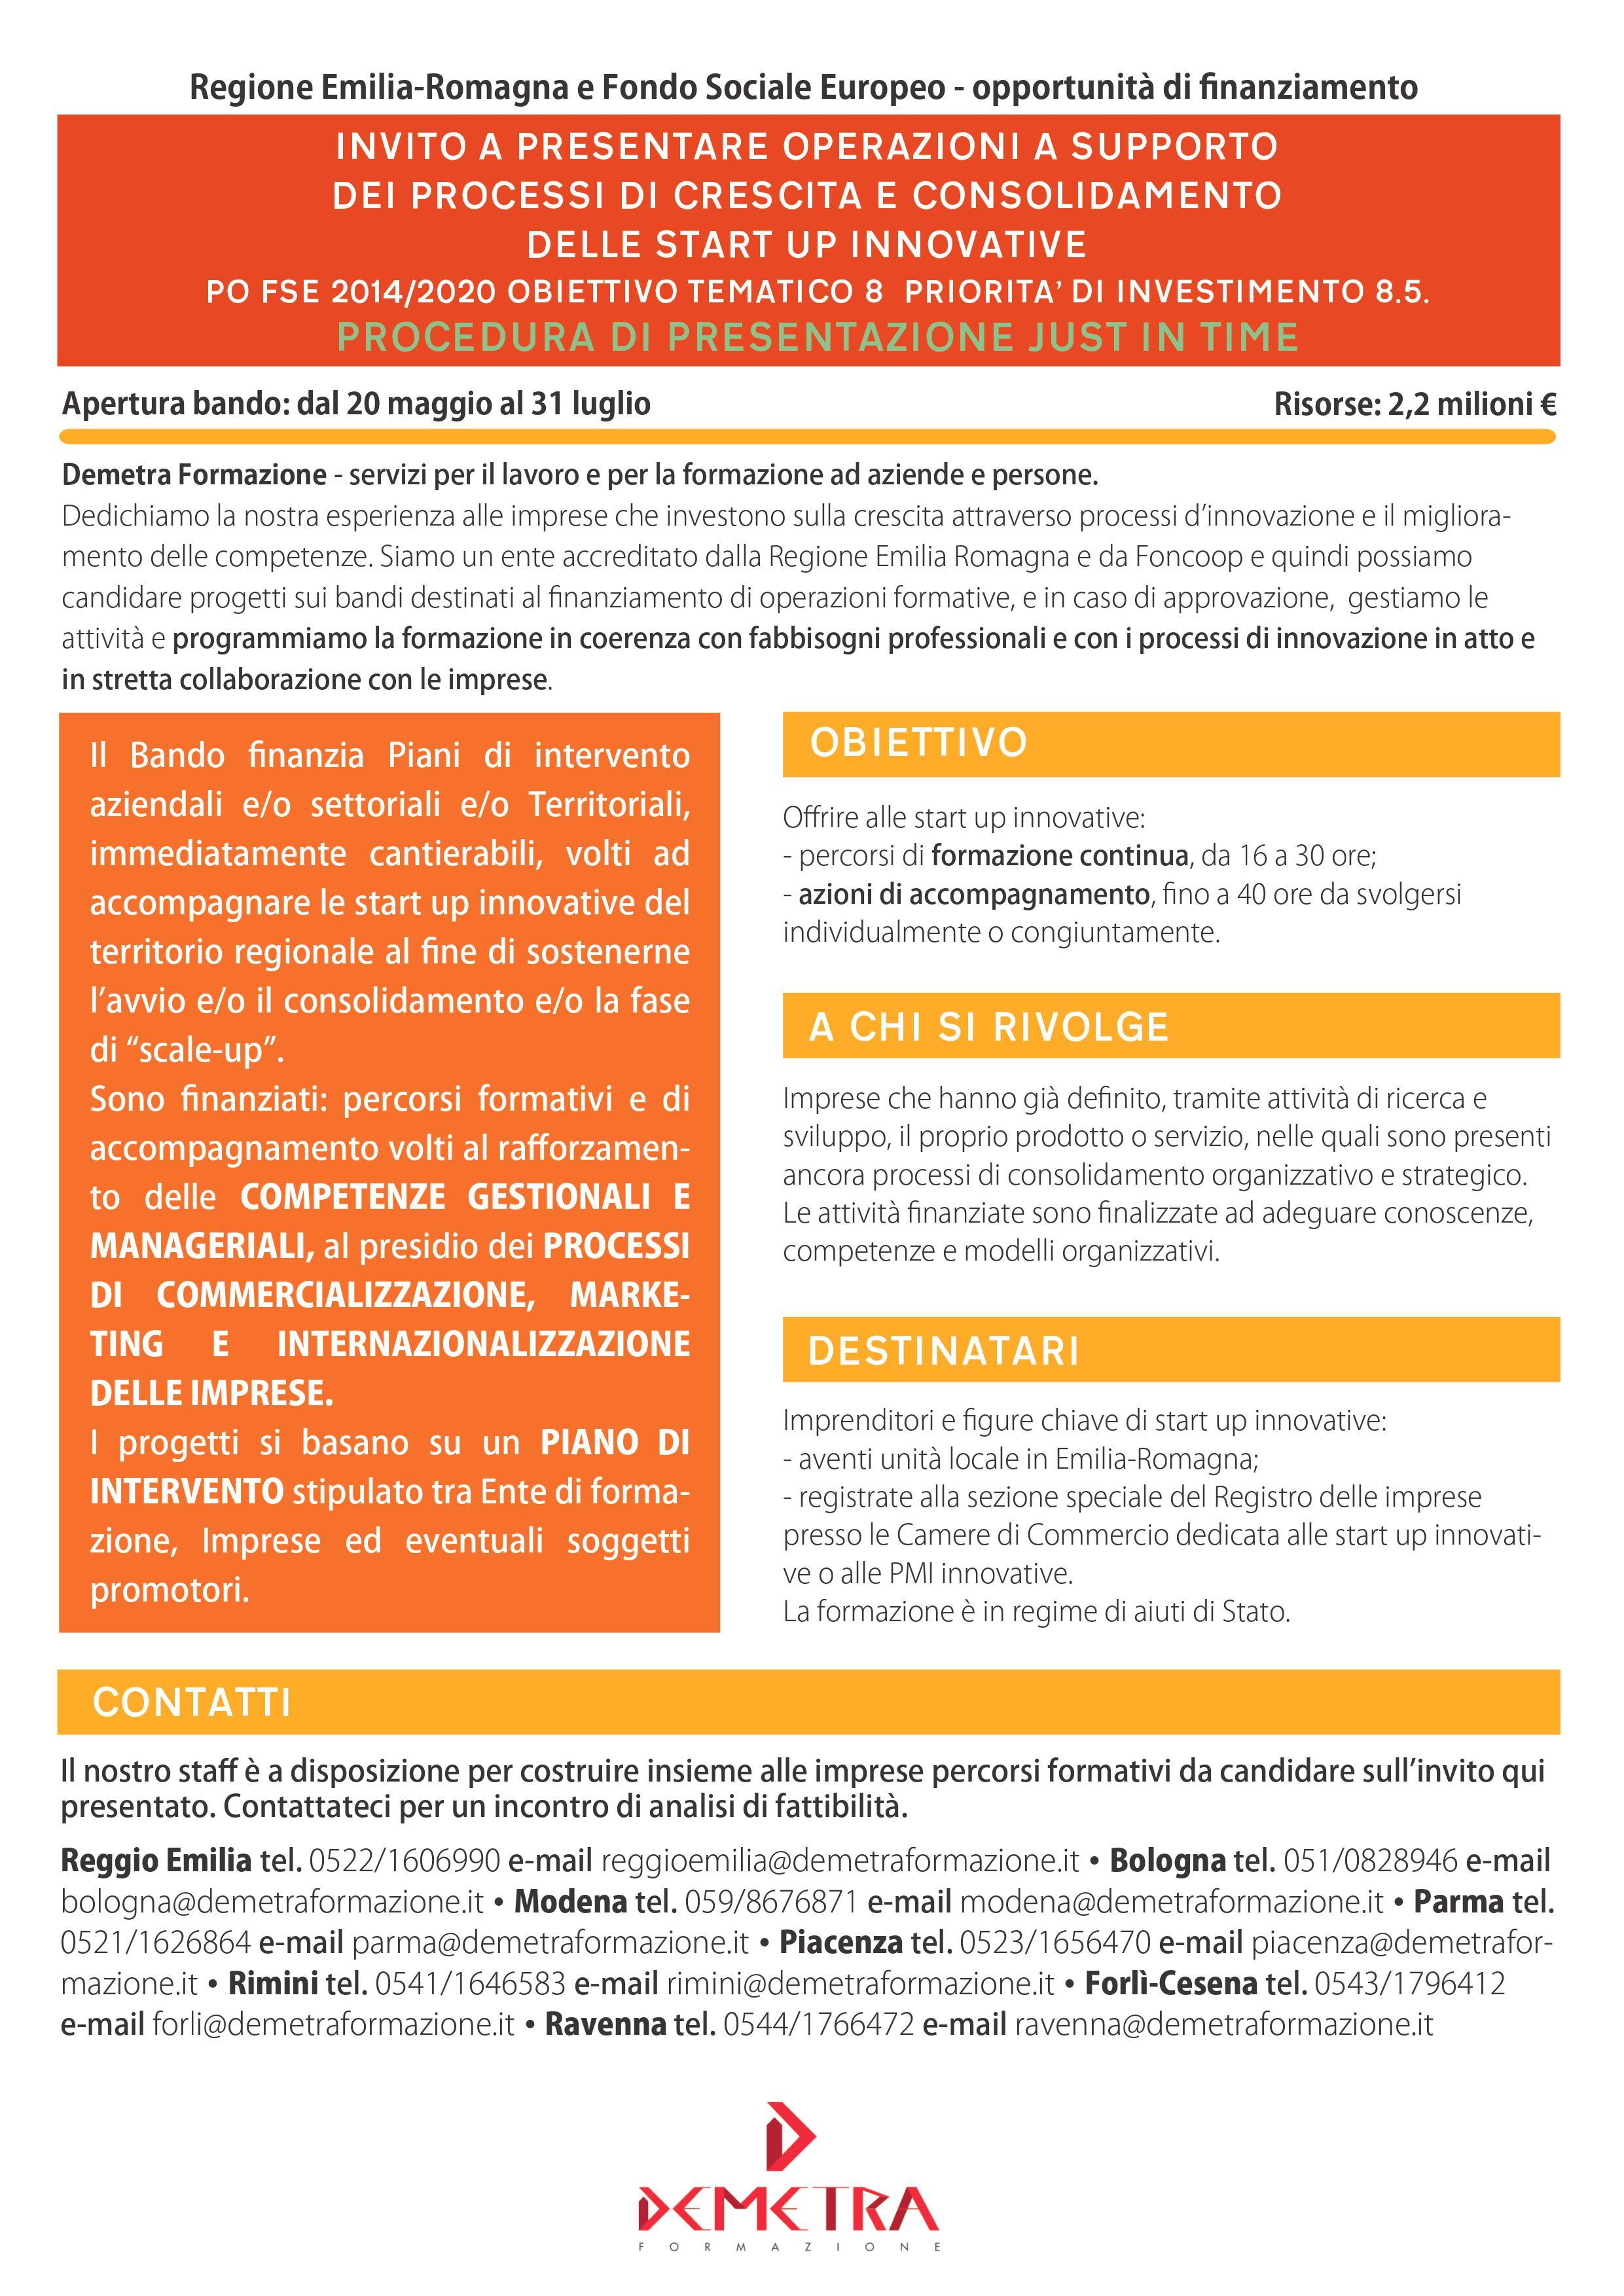 Startup innovative: nuove opportunità di finanziamento dalla Regione Emilia-Romagna per progetti formativi